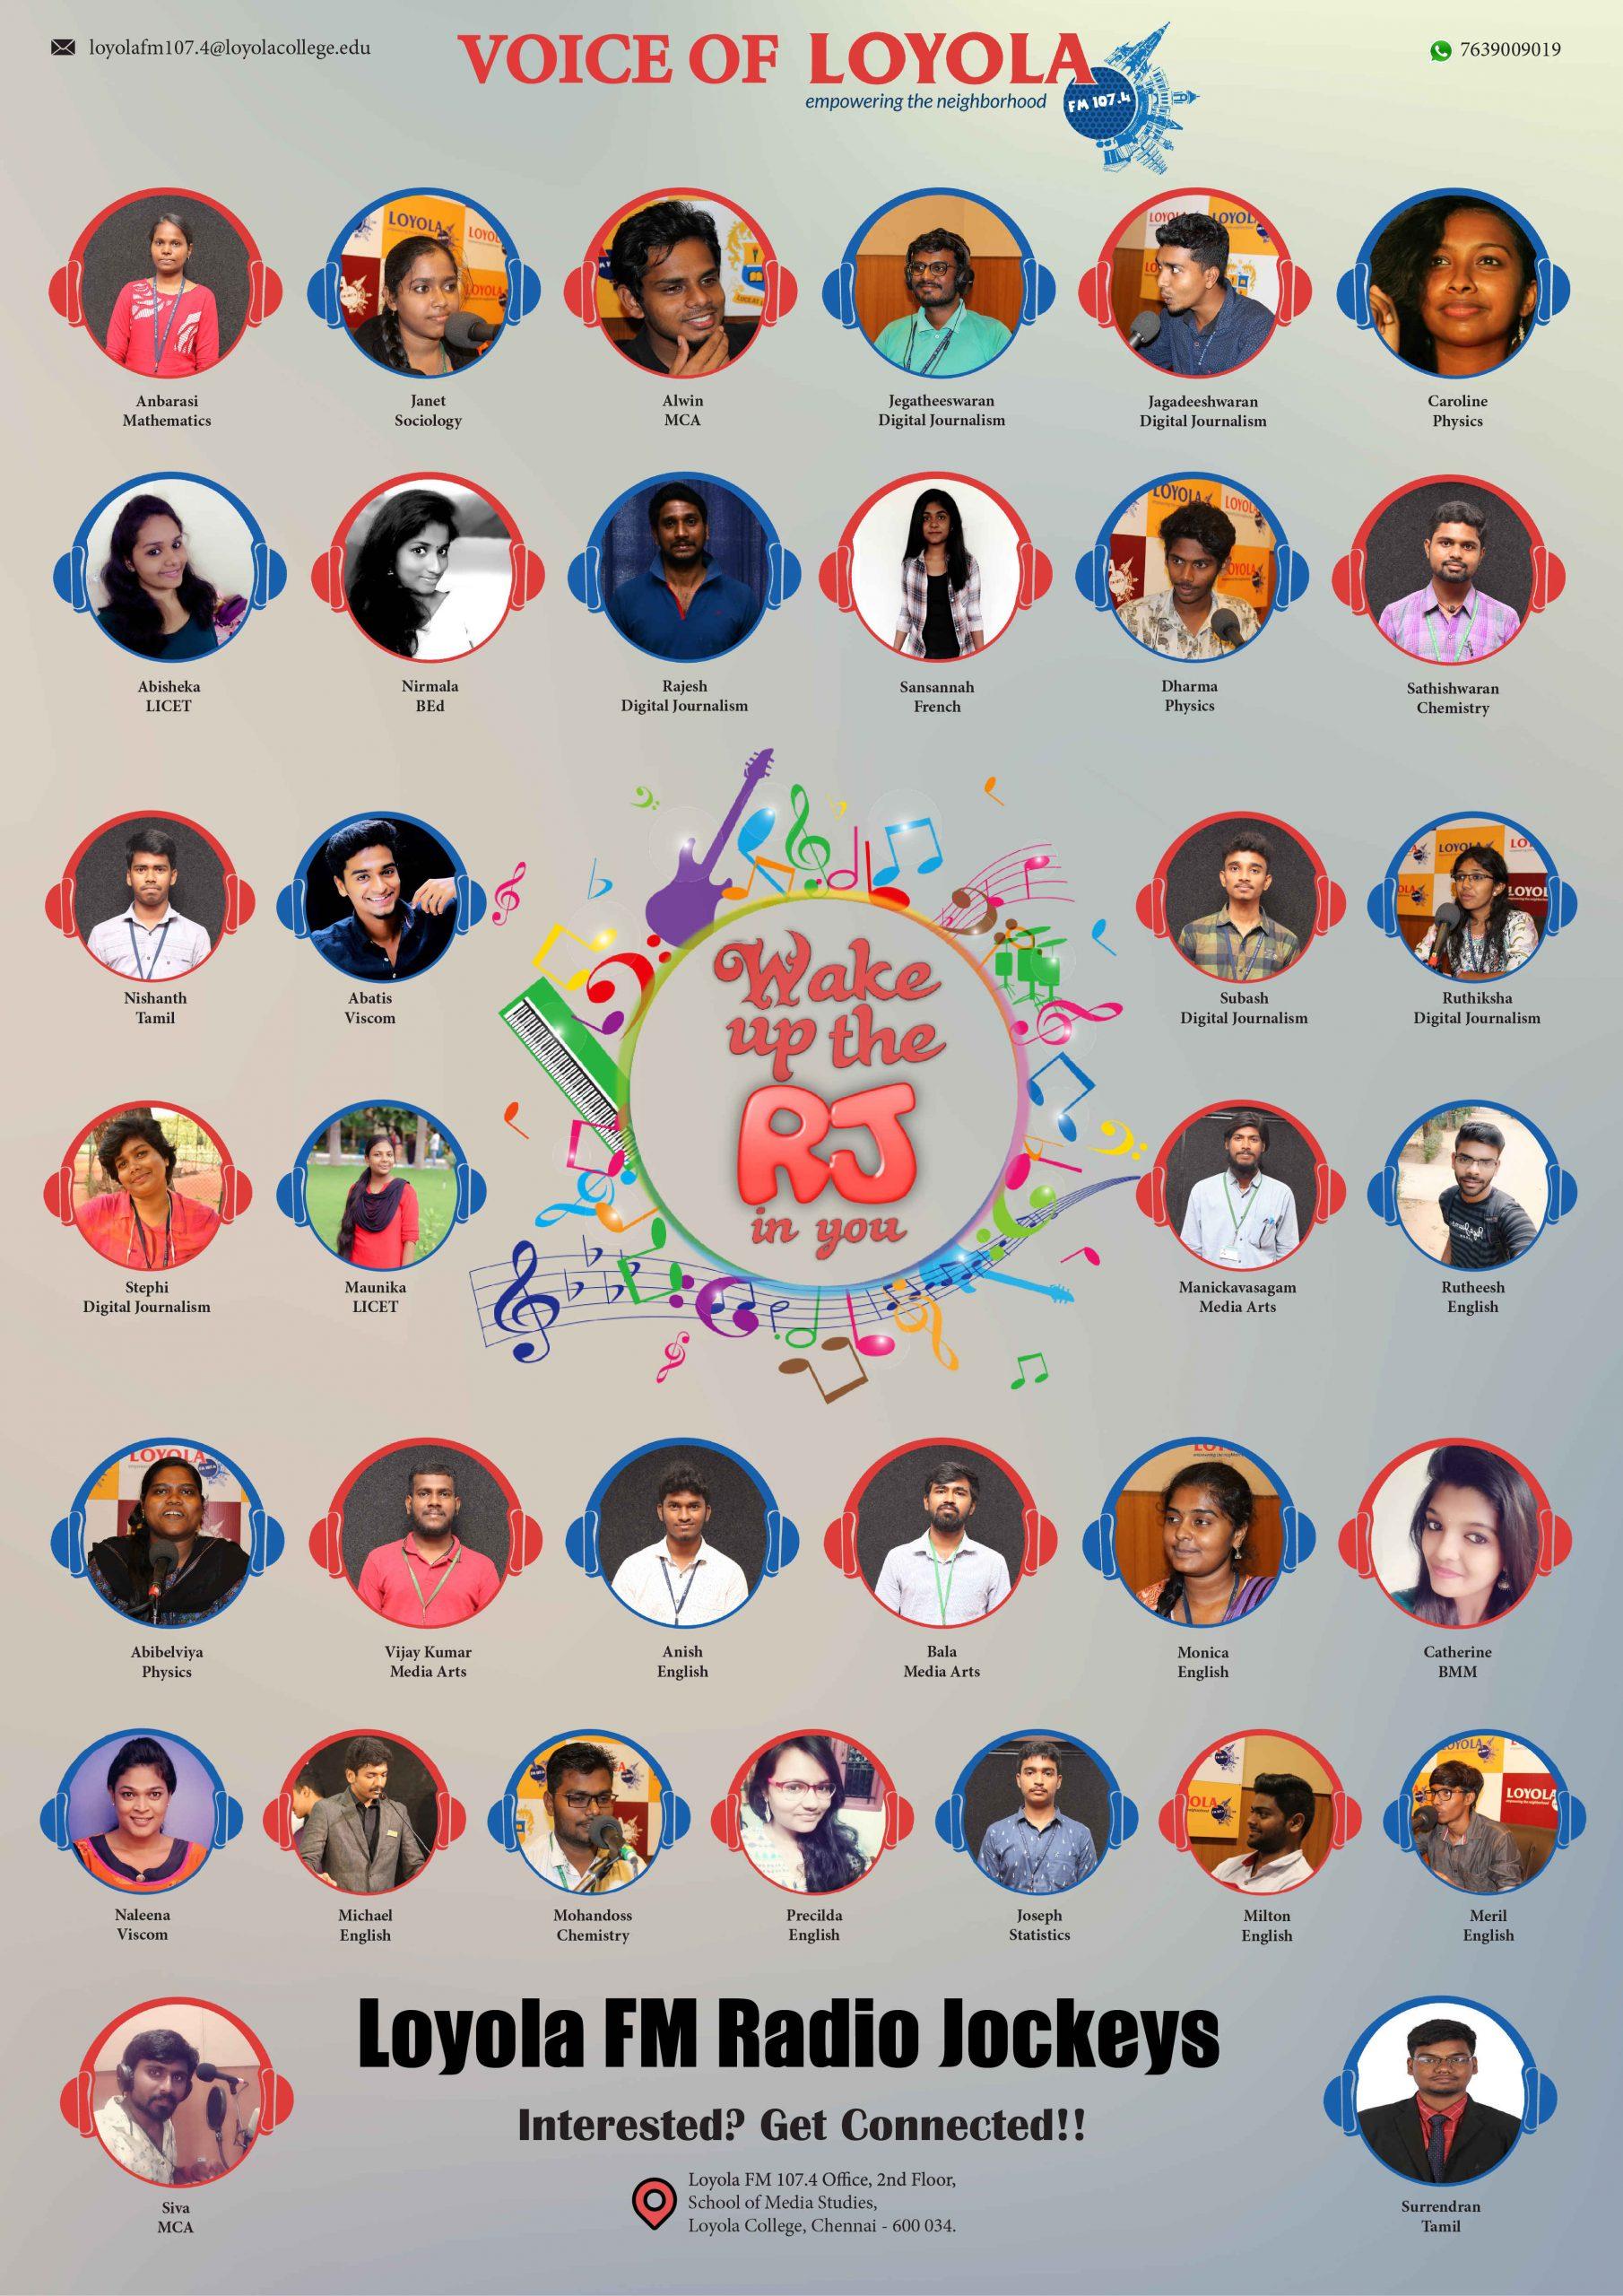 Loyola-fm-radio-poster-portfolio-ganesh-shanker